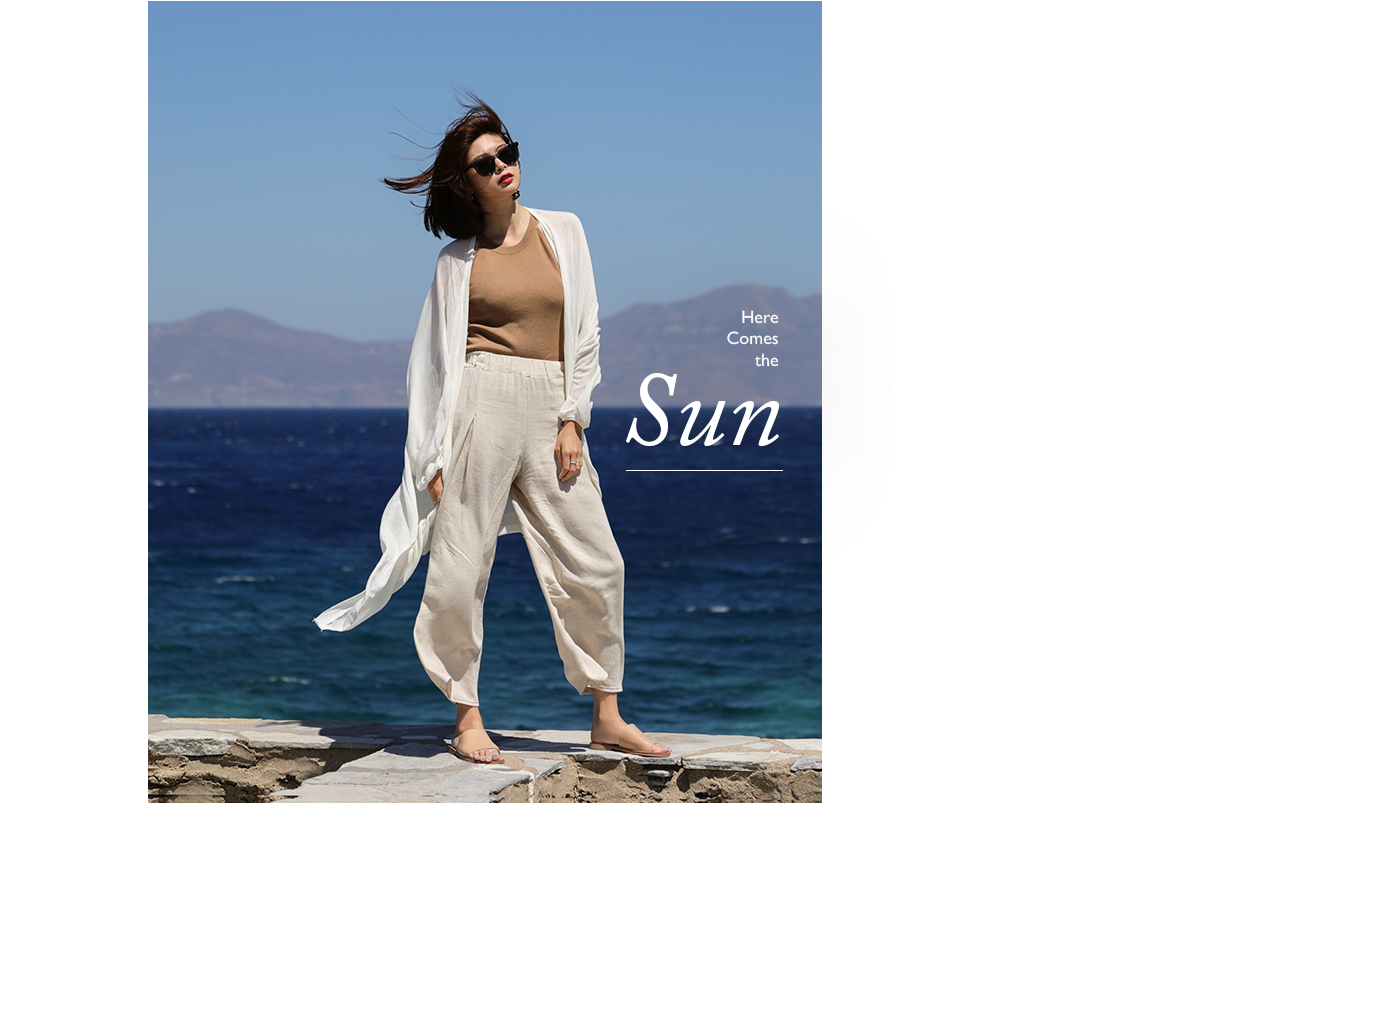 夏季新款涼鞋拖鞋女鞋希臘拍攝特輯